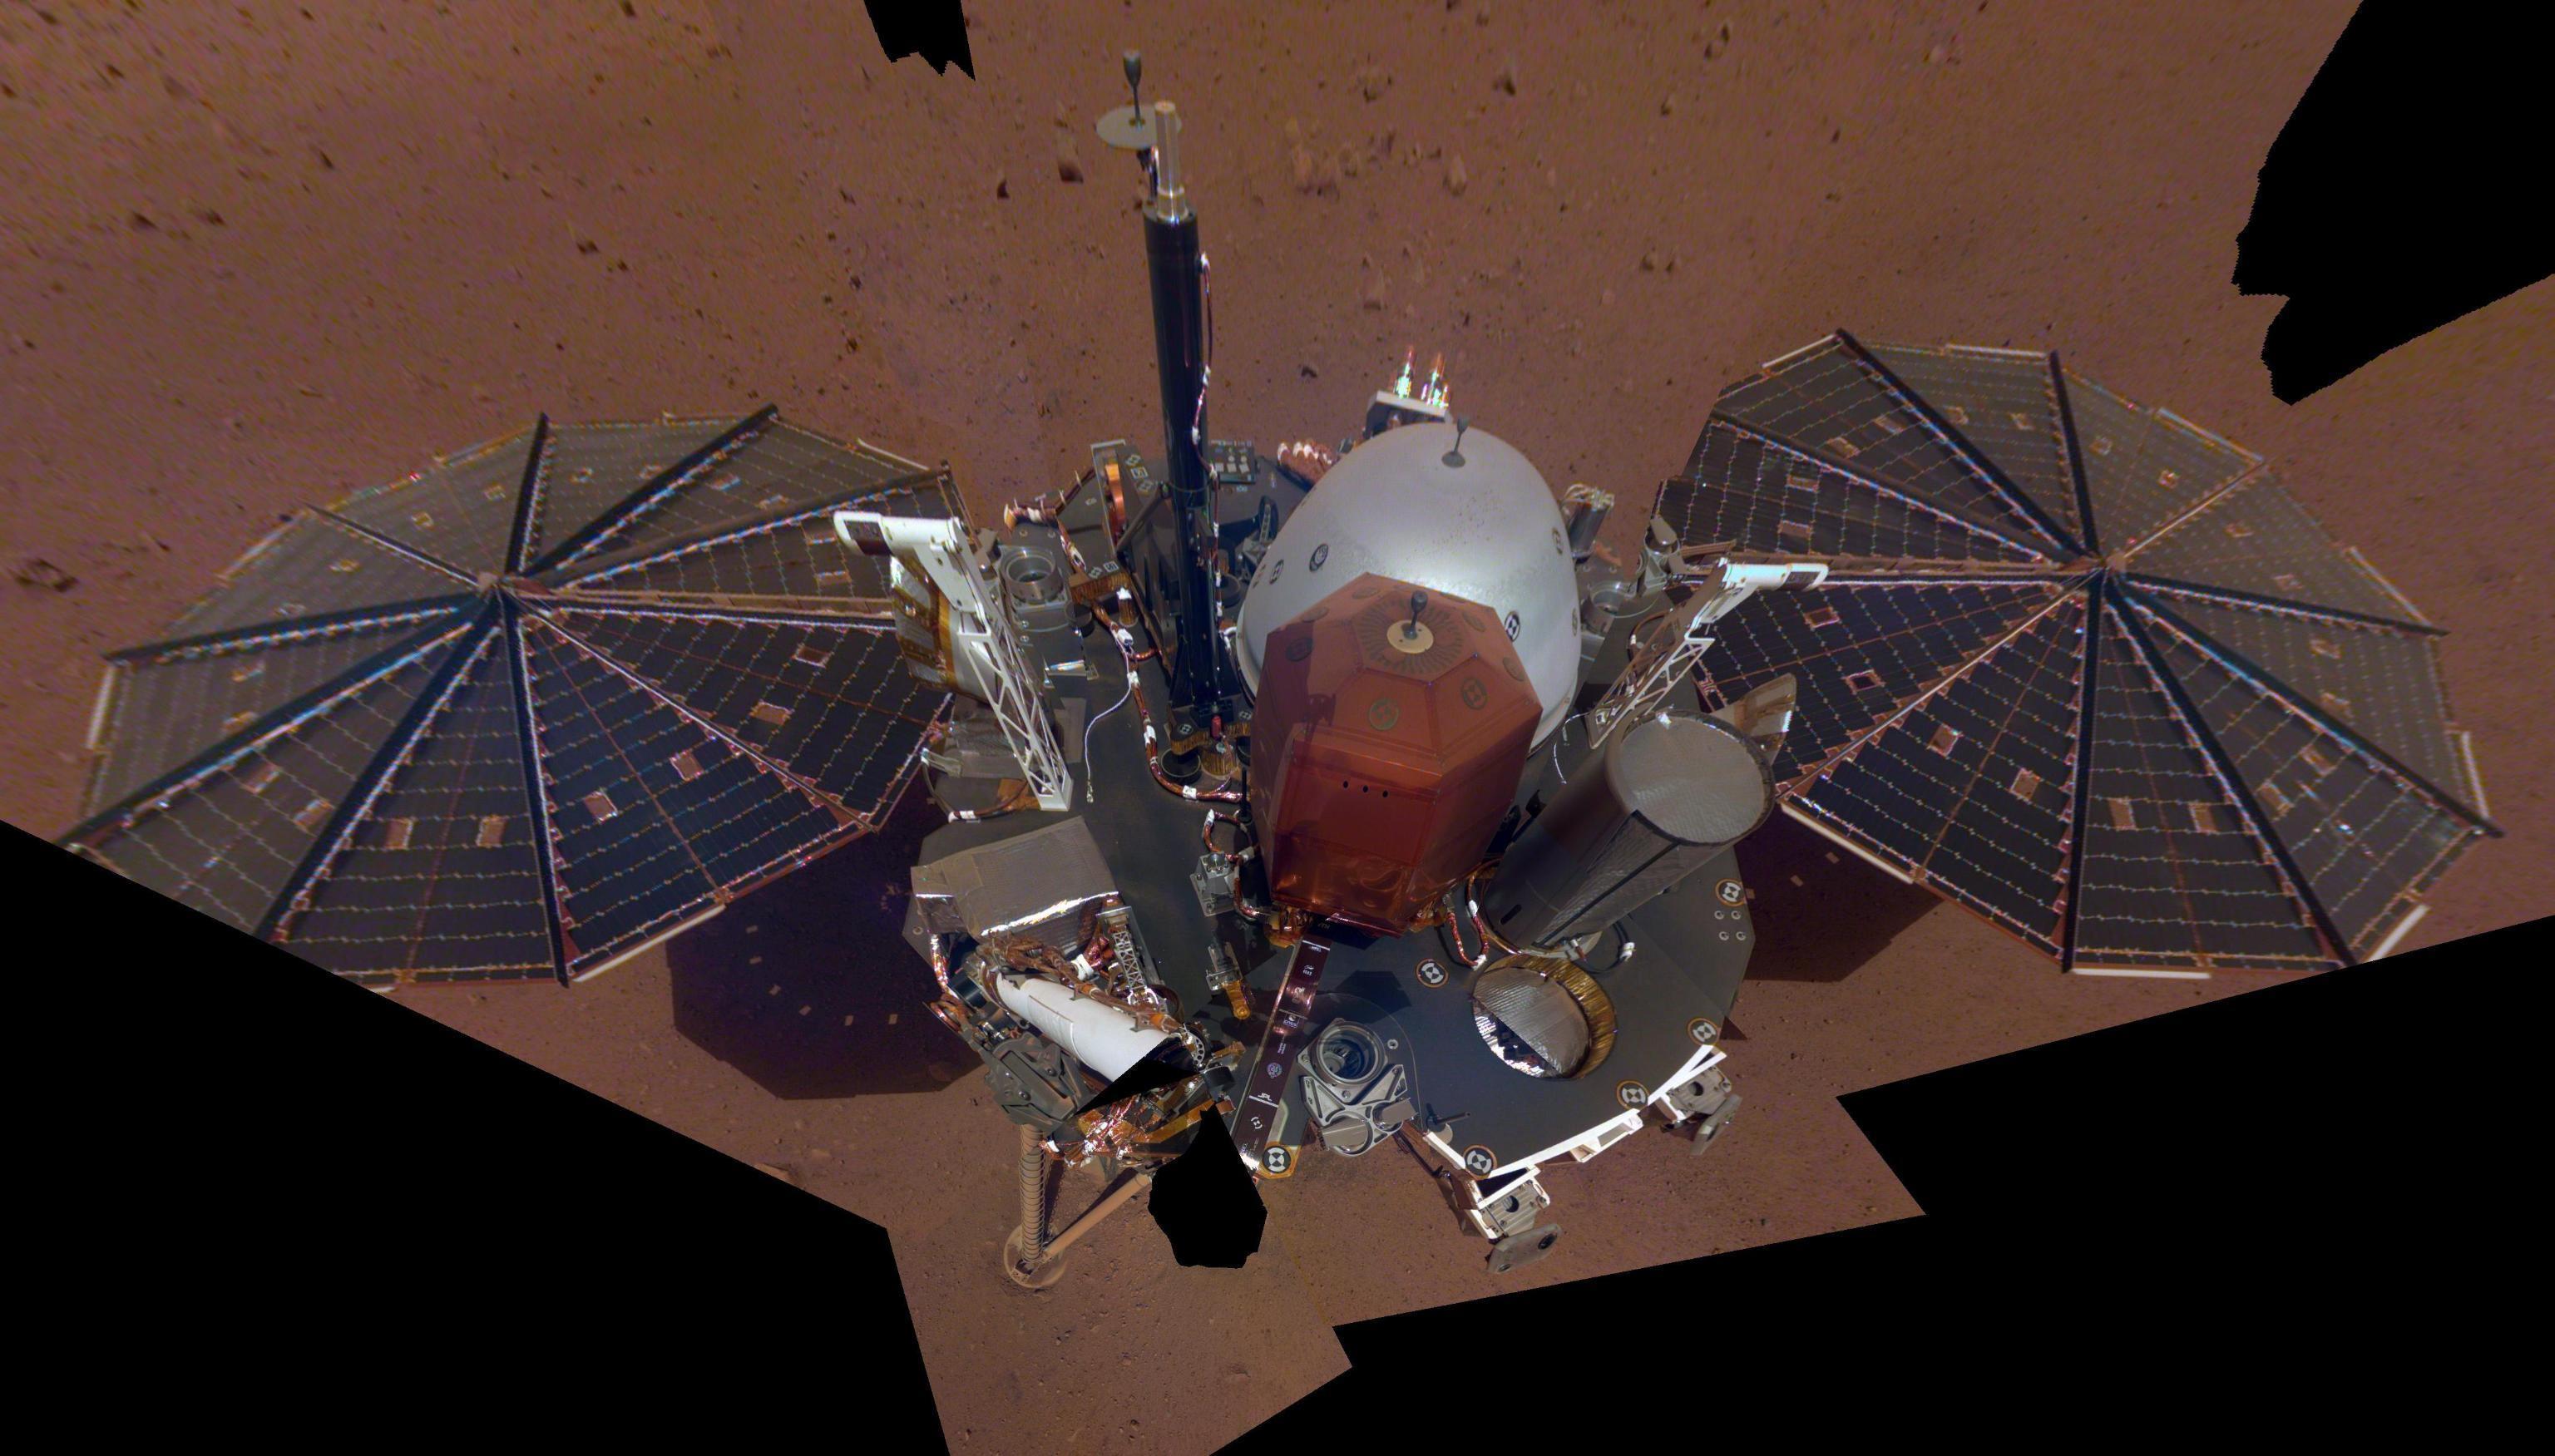 Una foto a mano resa disponibile dalla NASA/JPL-Caltech l'11 dicembre 2018 mostra il primo selfie completo della NASA InSight su Marte